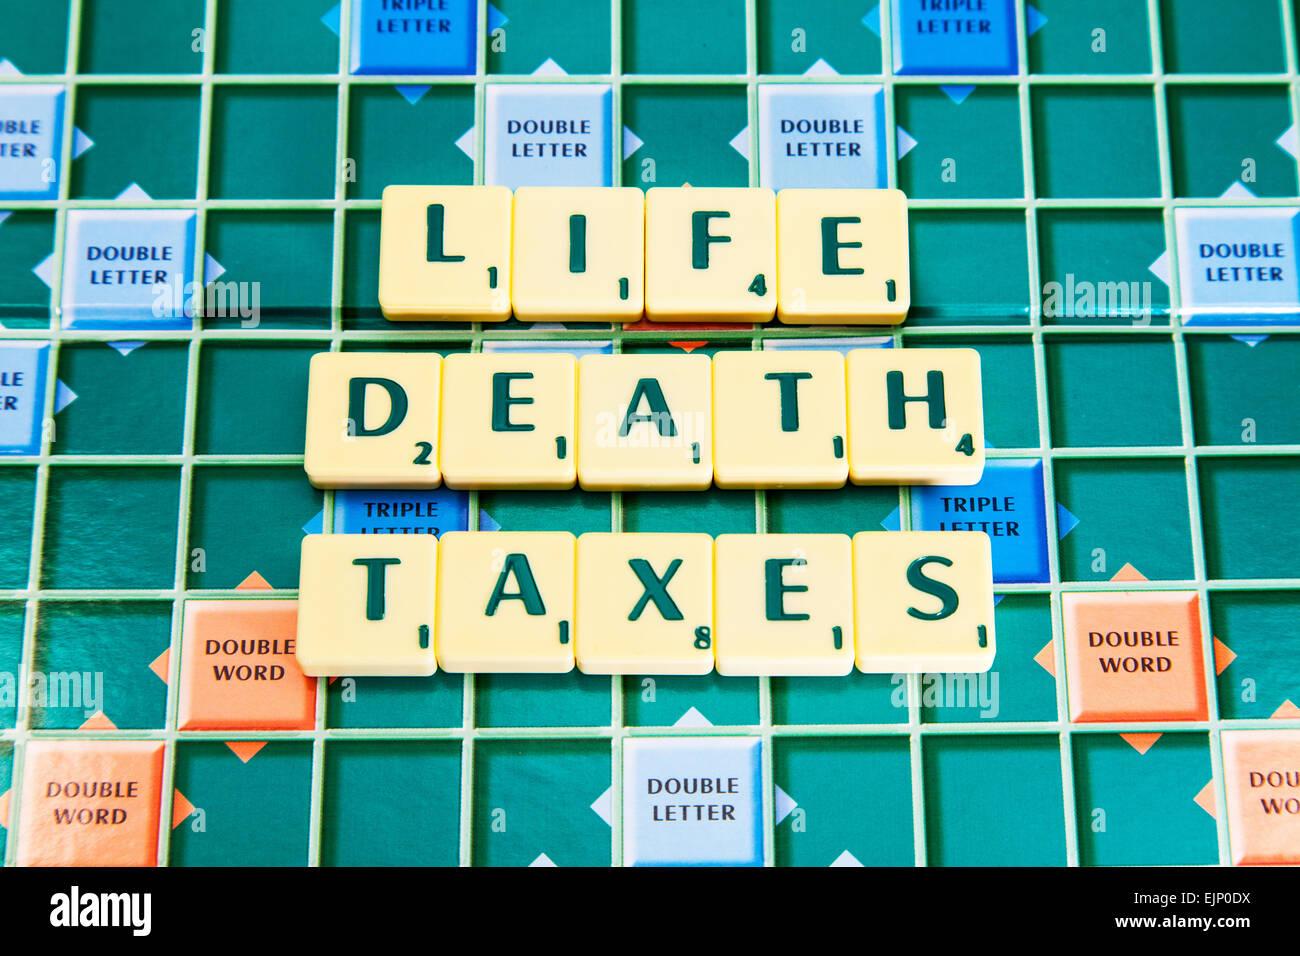 La mort vie impôts que 3 choses pour être sûr de la vie dans les mots en utilisant les tuiles de Photo Stock